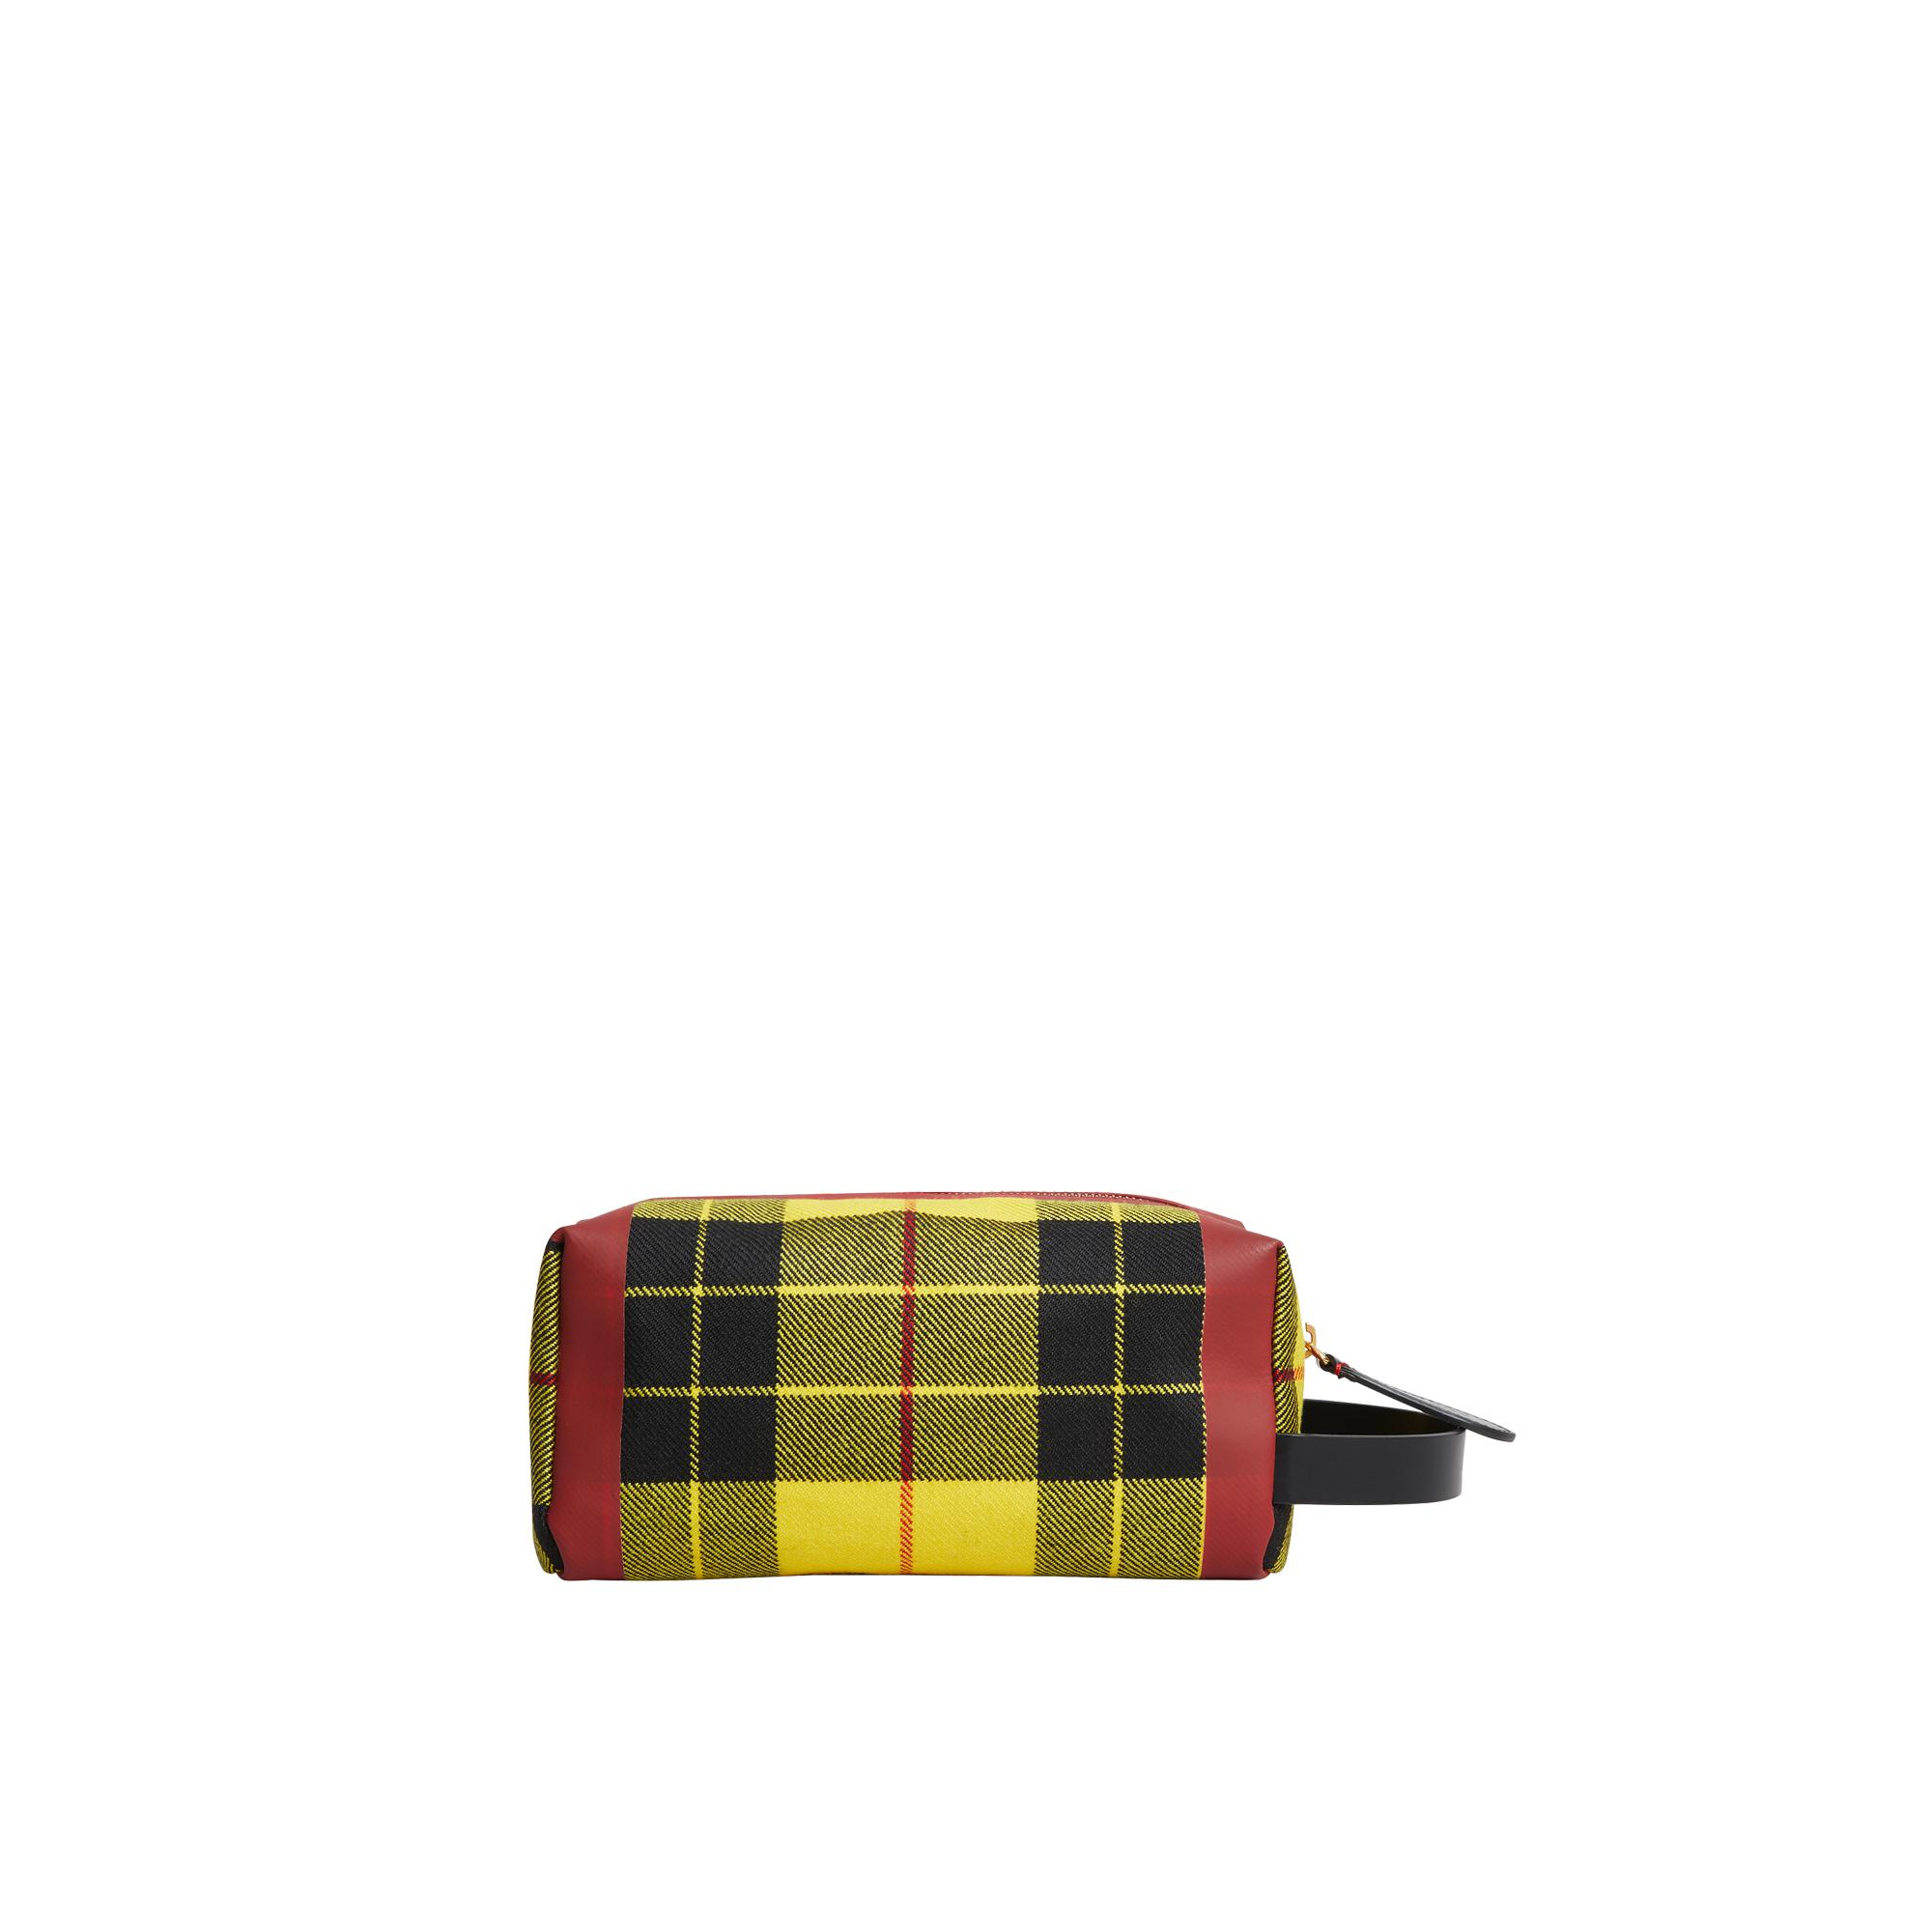 Burberry Pochette Zippée en Coton Jaune et Caramel jGlXd